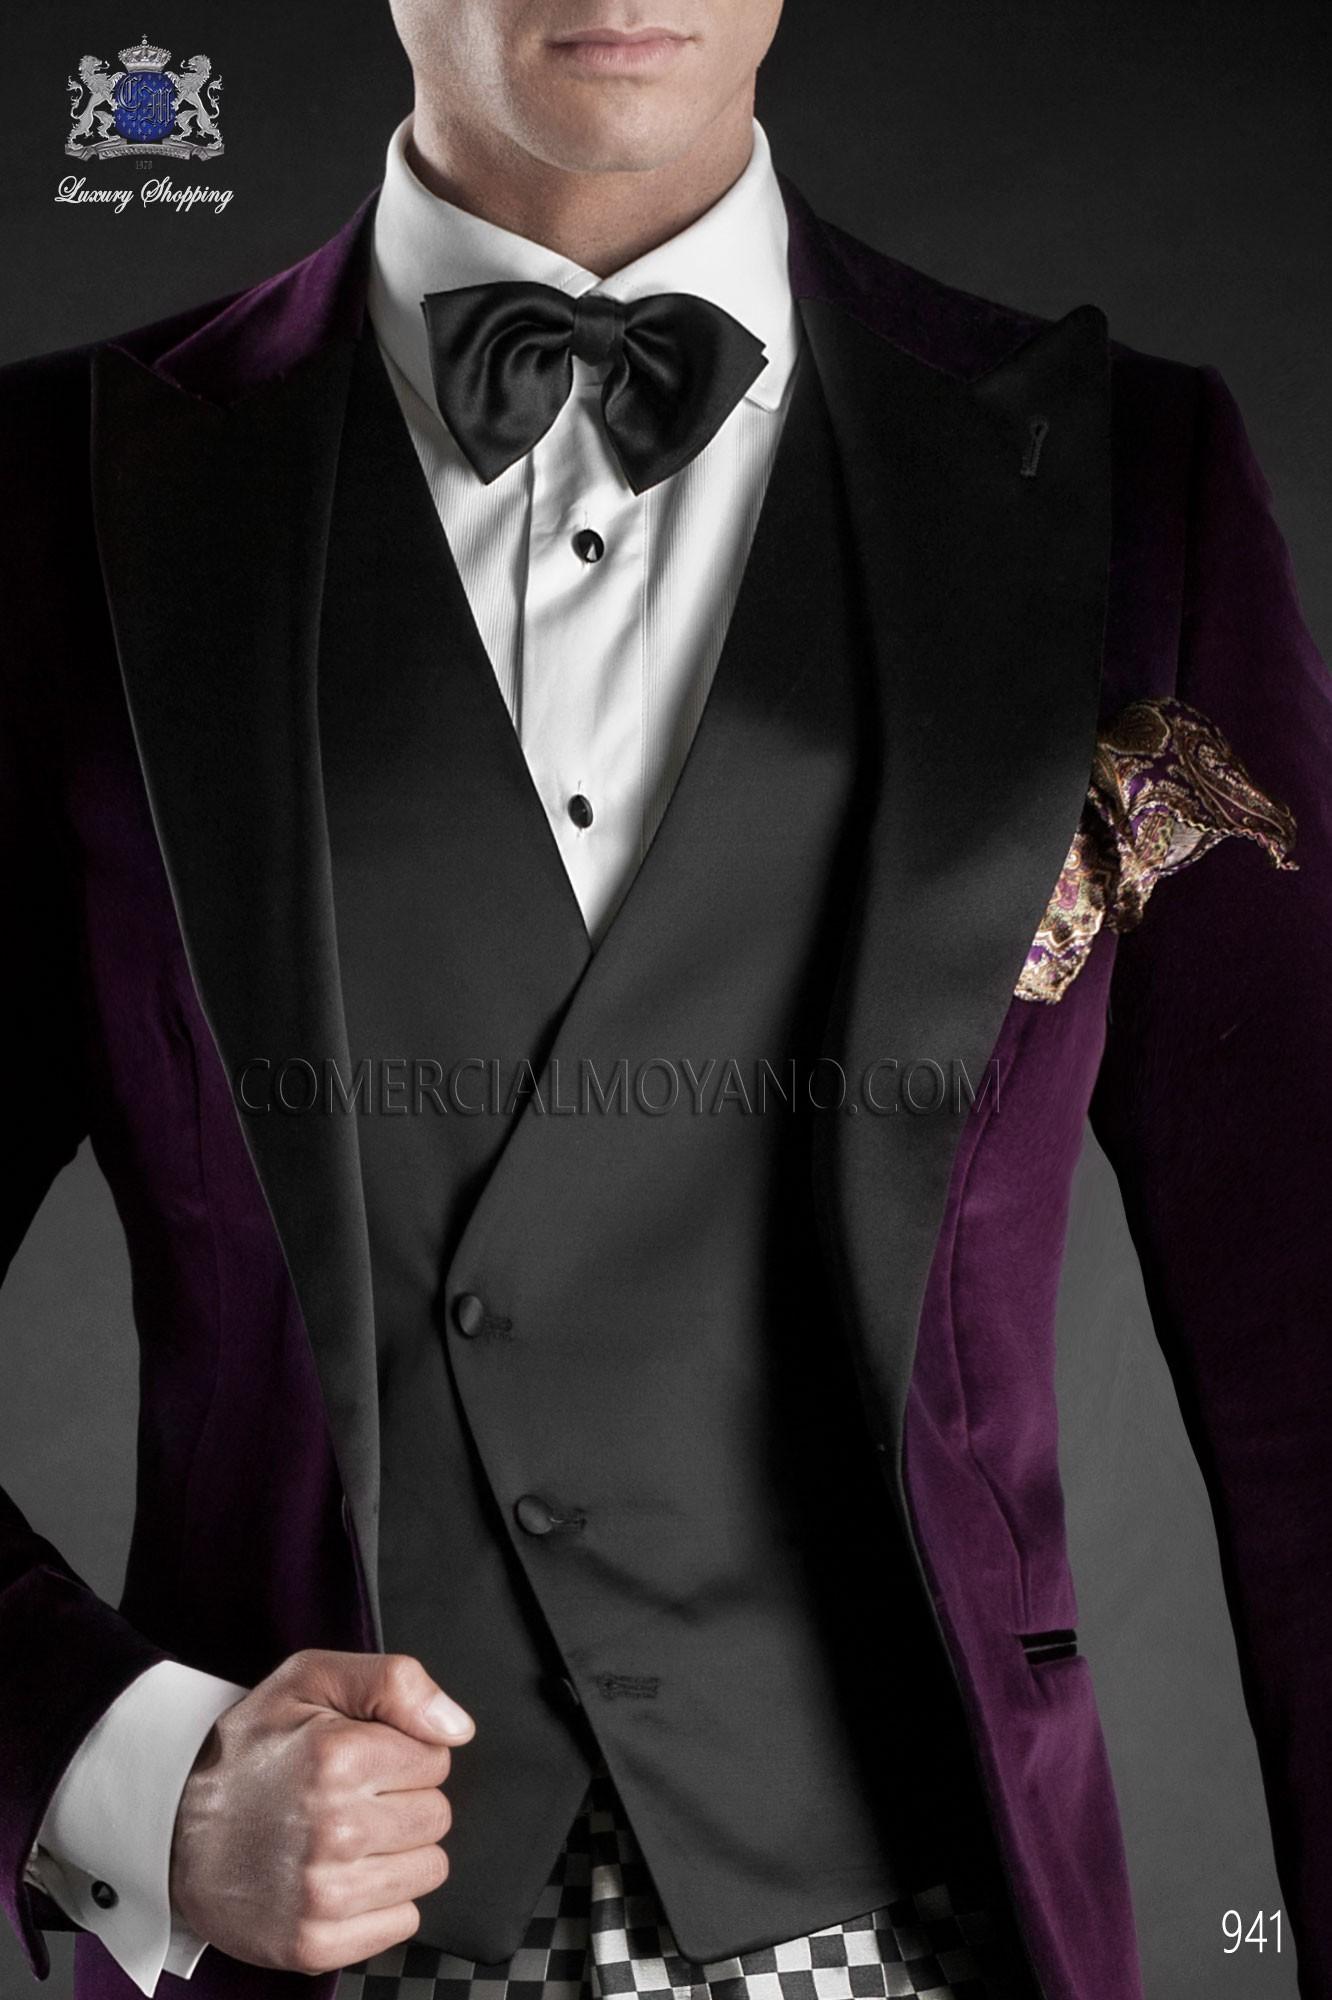 Traje BlackTie de novio morado modelo: 941 Ottavio Nuccio Gala colección Black Tie 2017